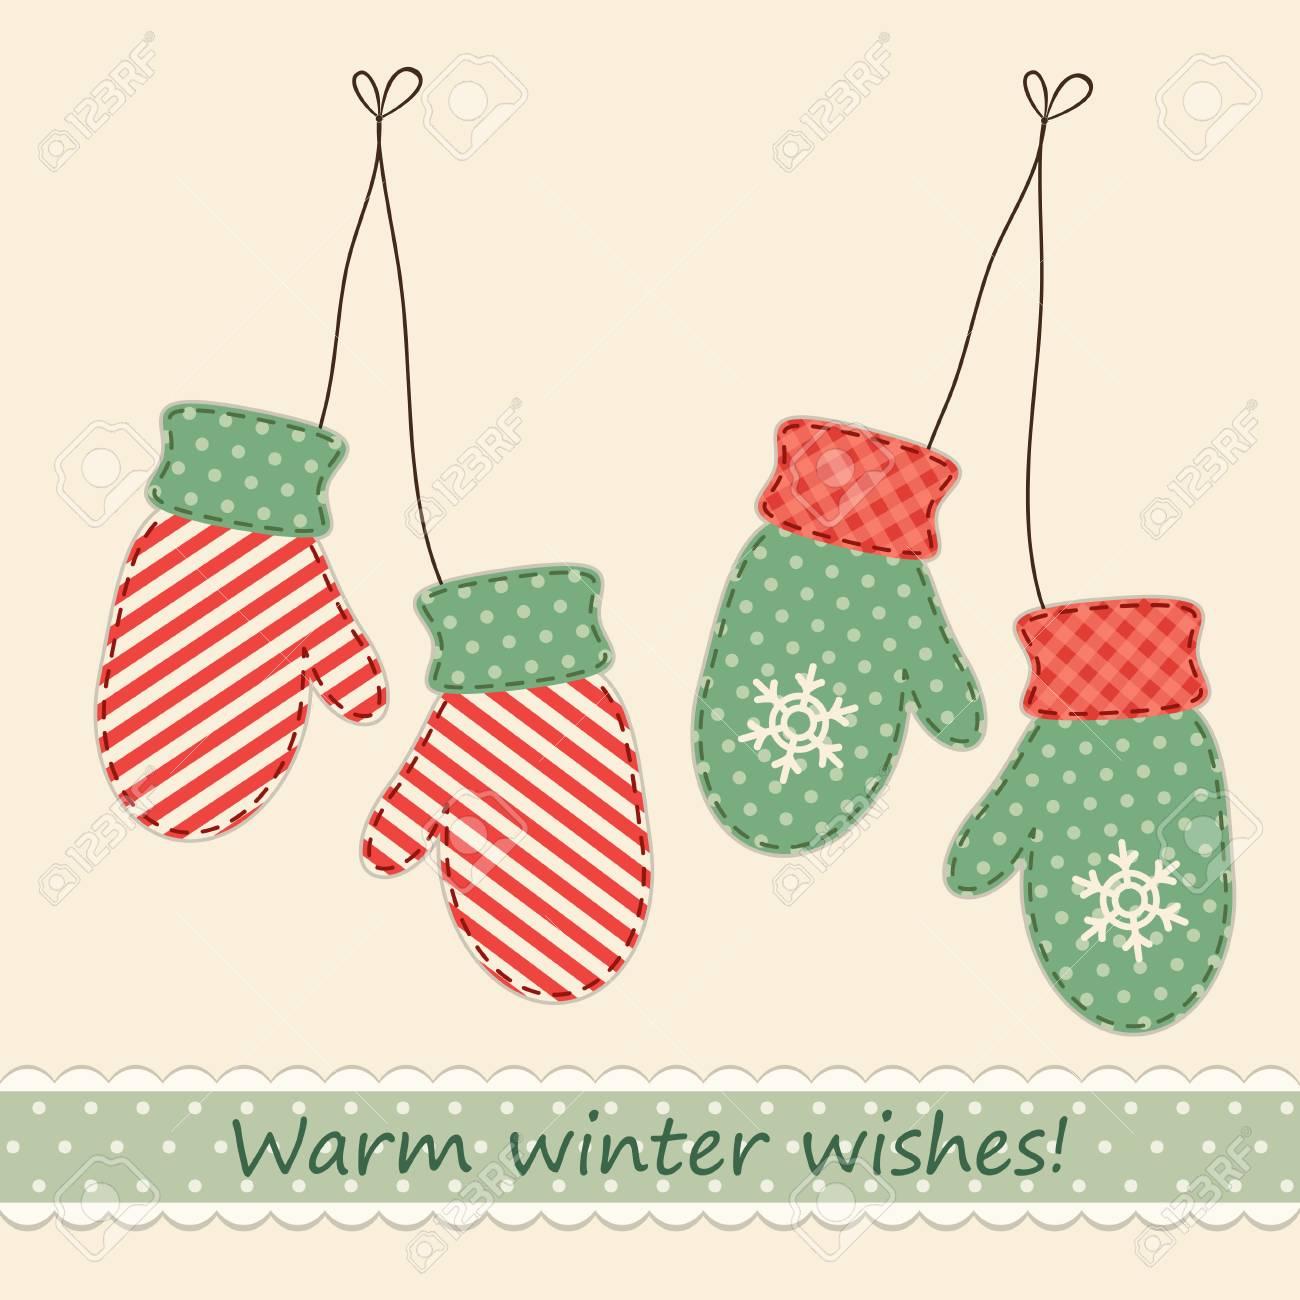 20 idee + tutorial se vi piacciono le decorazioni natalizie fai da te, siete sul post giusto! Vettoriale Muffole Retro In Tessuto Carino Come Decorazioni Natalizie In Stile Shabby Chic Image 86700786